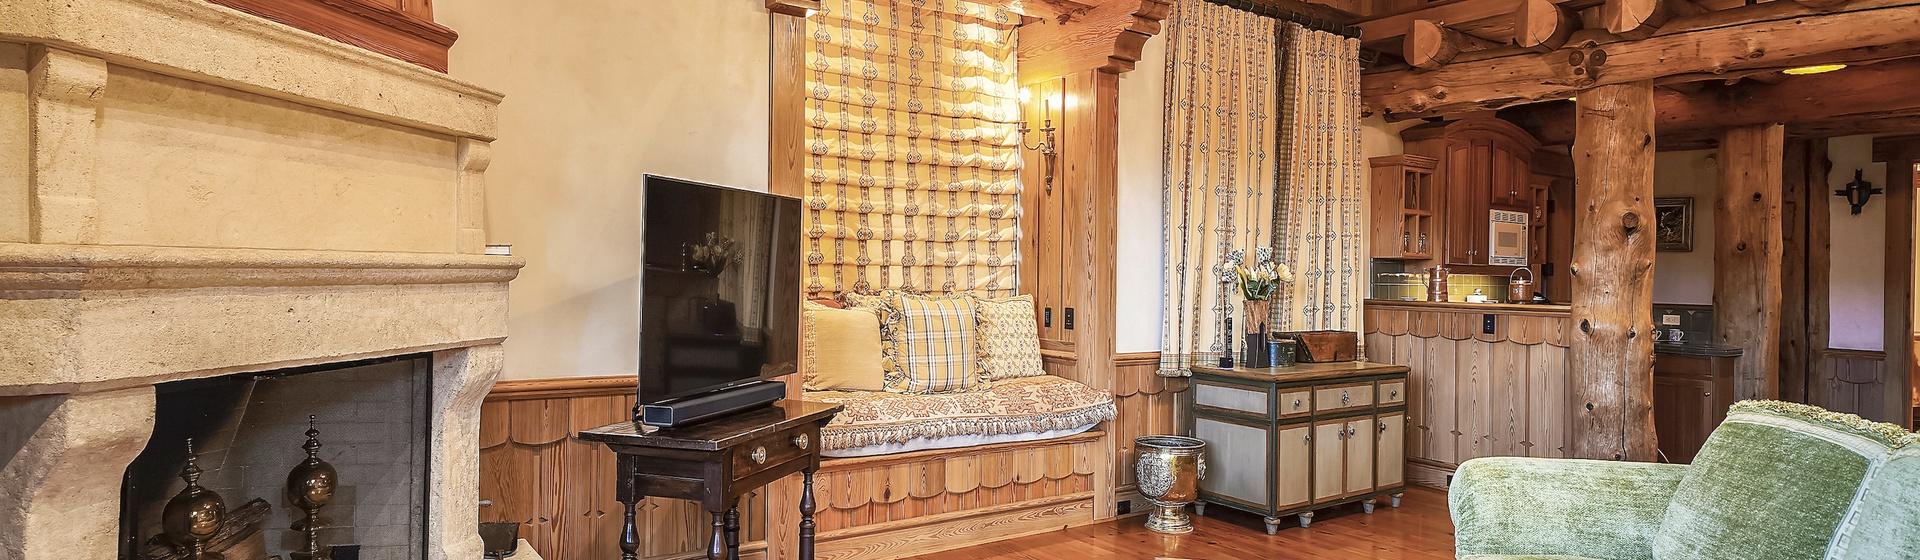 9.2-Telluride-Sleeping-Indian-Ranch-Swiss-Suite-Sitting-Room-2JPG-web.JPG